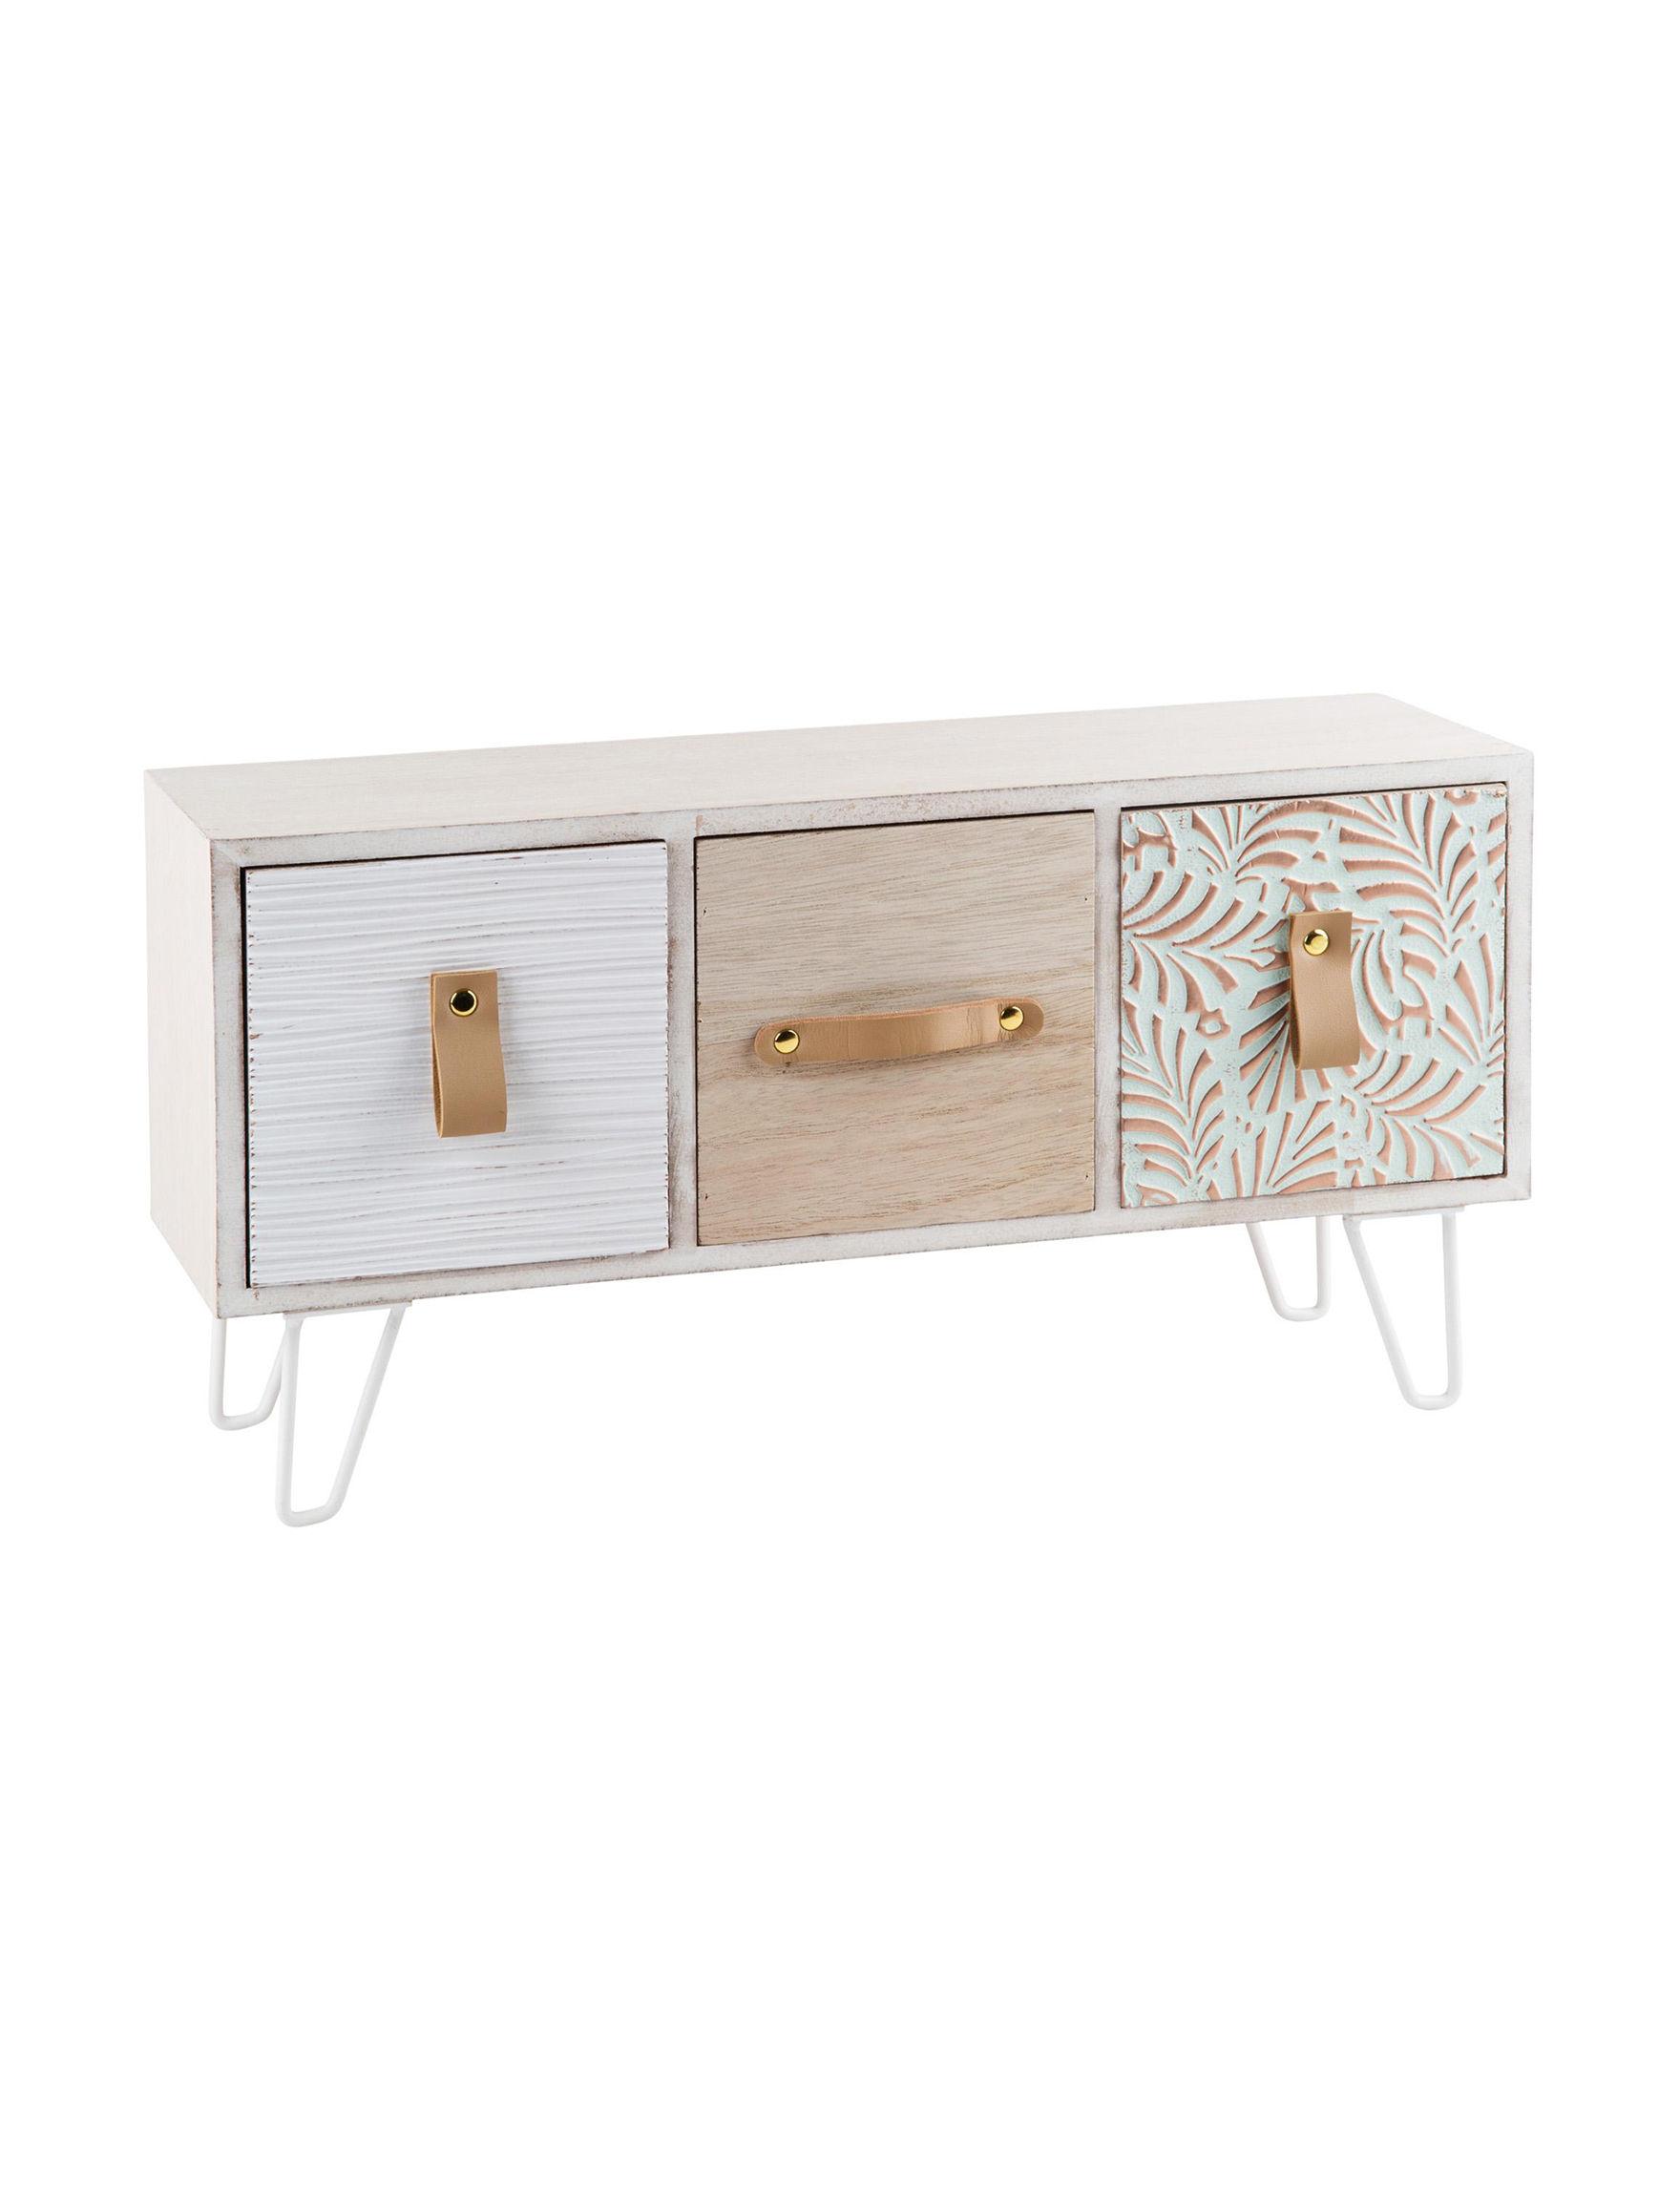 Home Essentials Beige Storage & Organization